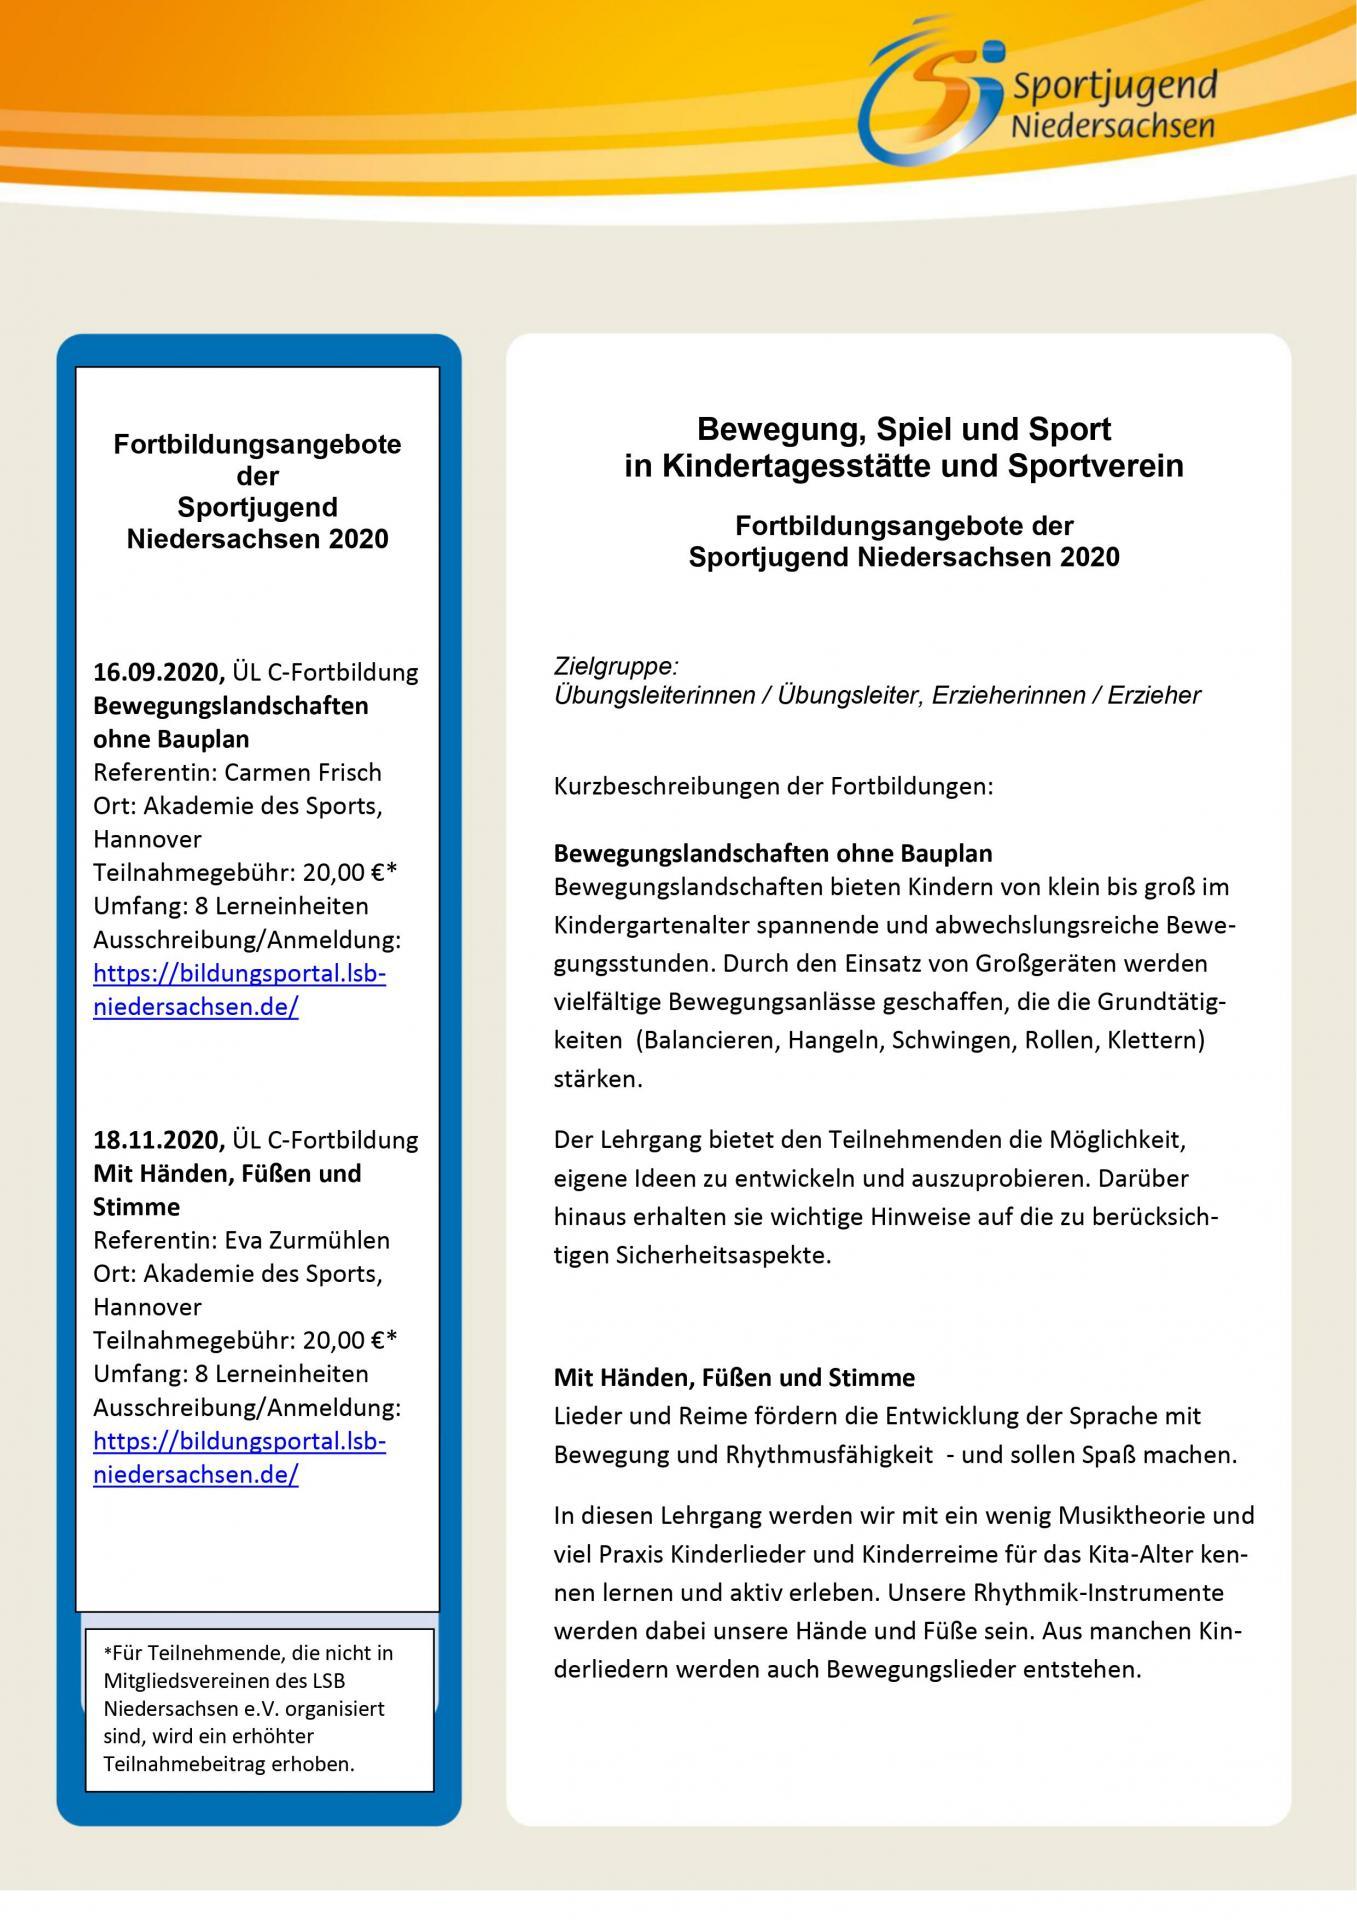 Fortbildungsangebote der Sportjugend Niedersachsen 2020